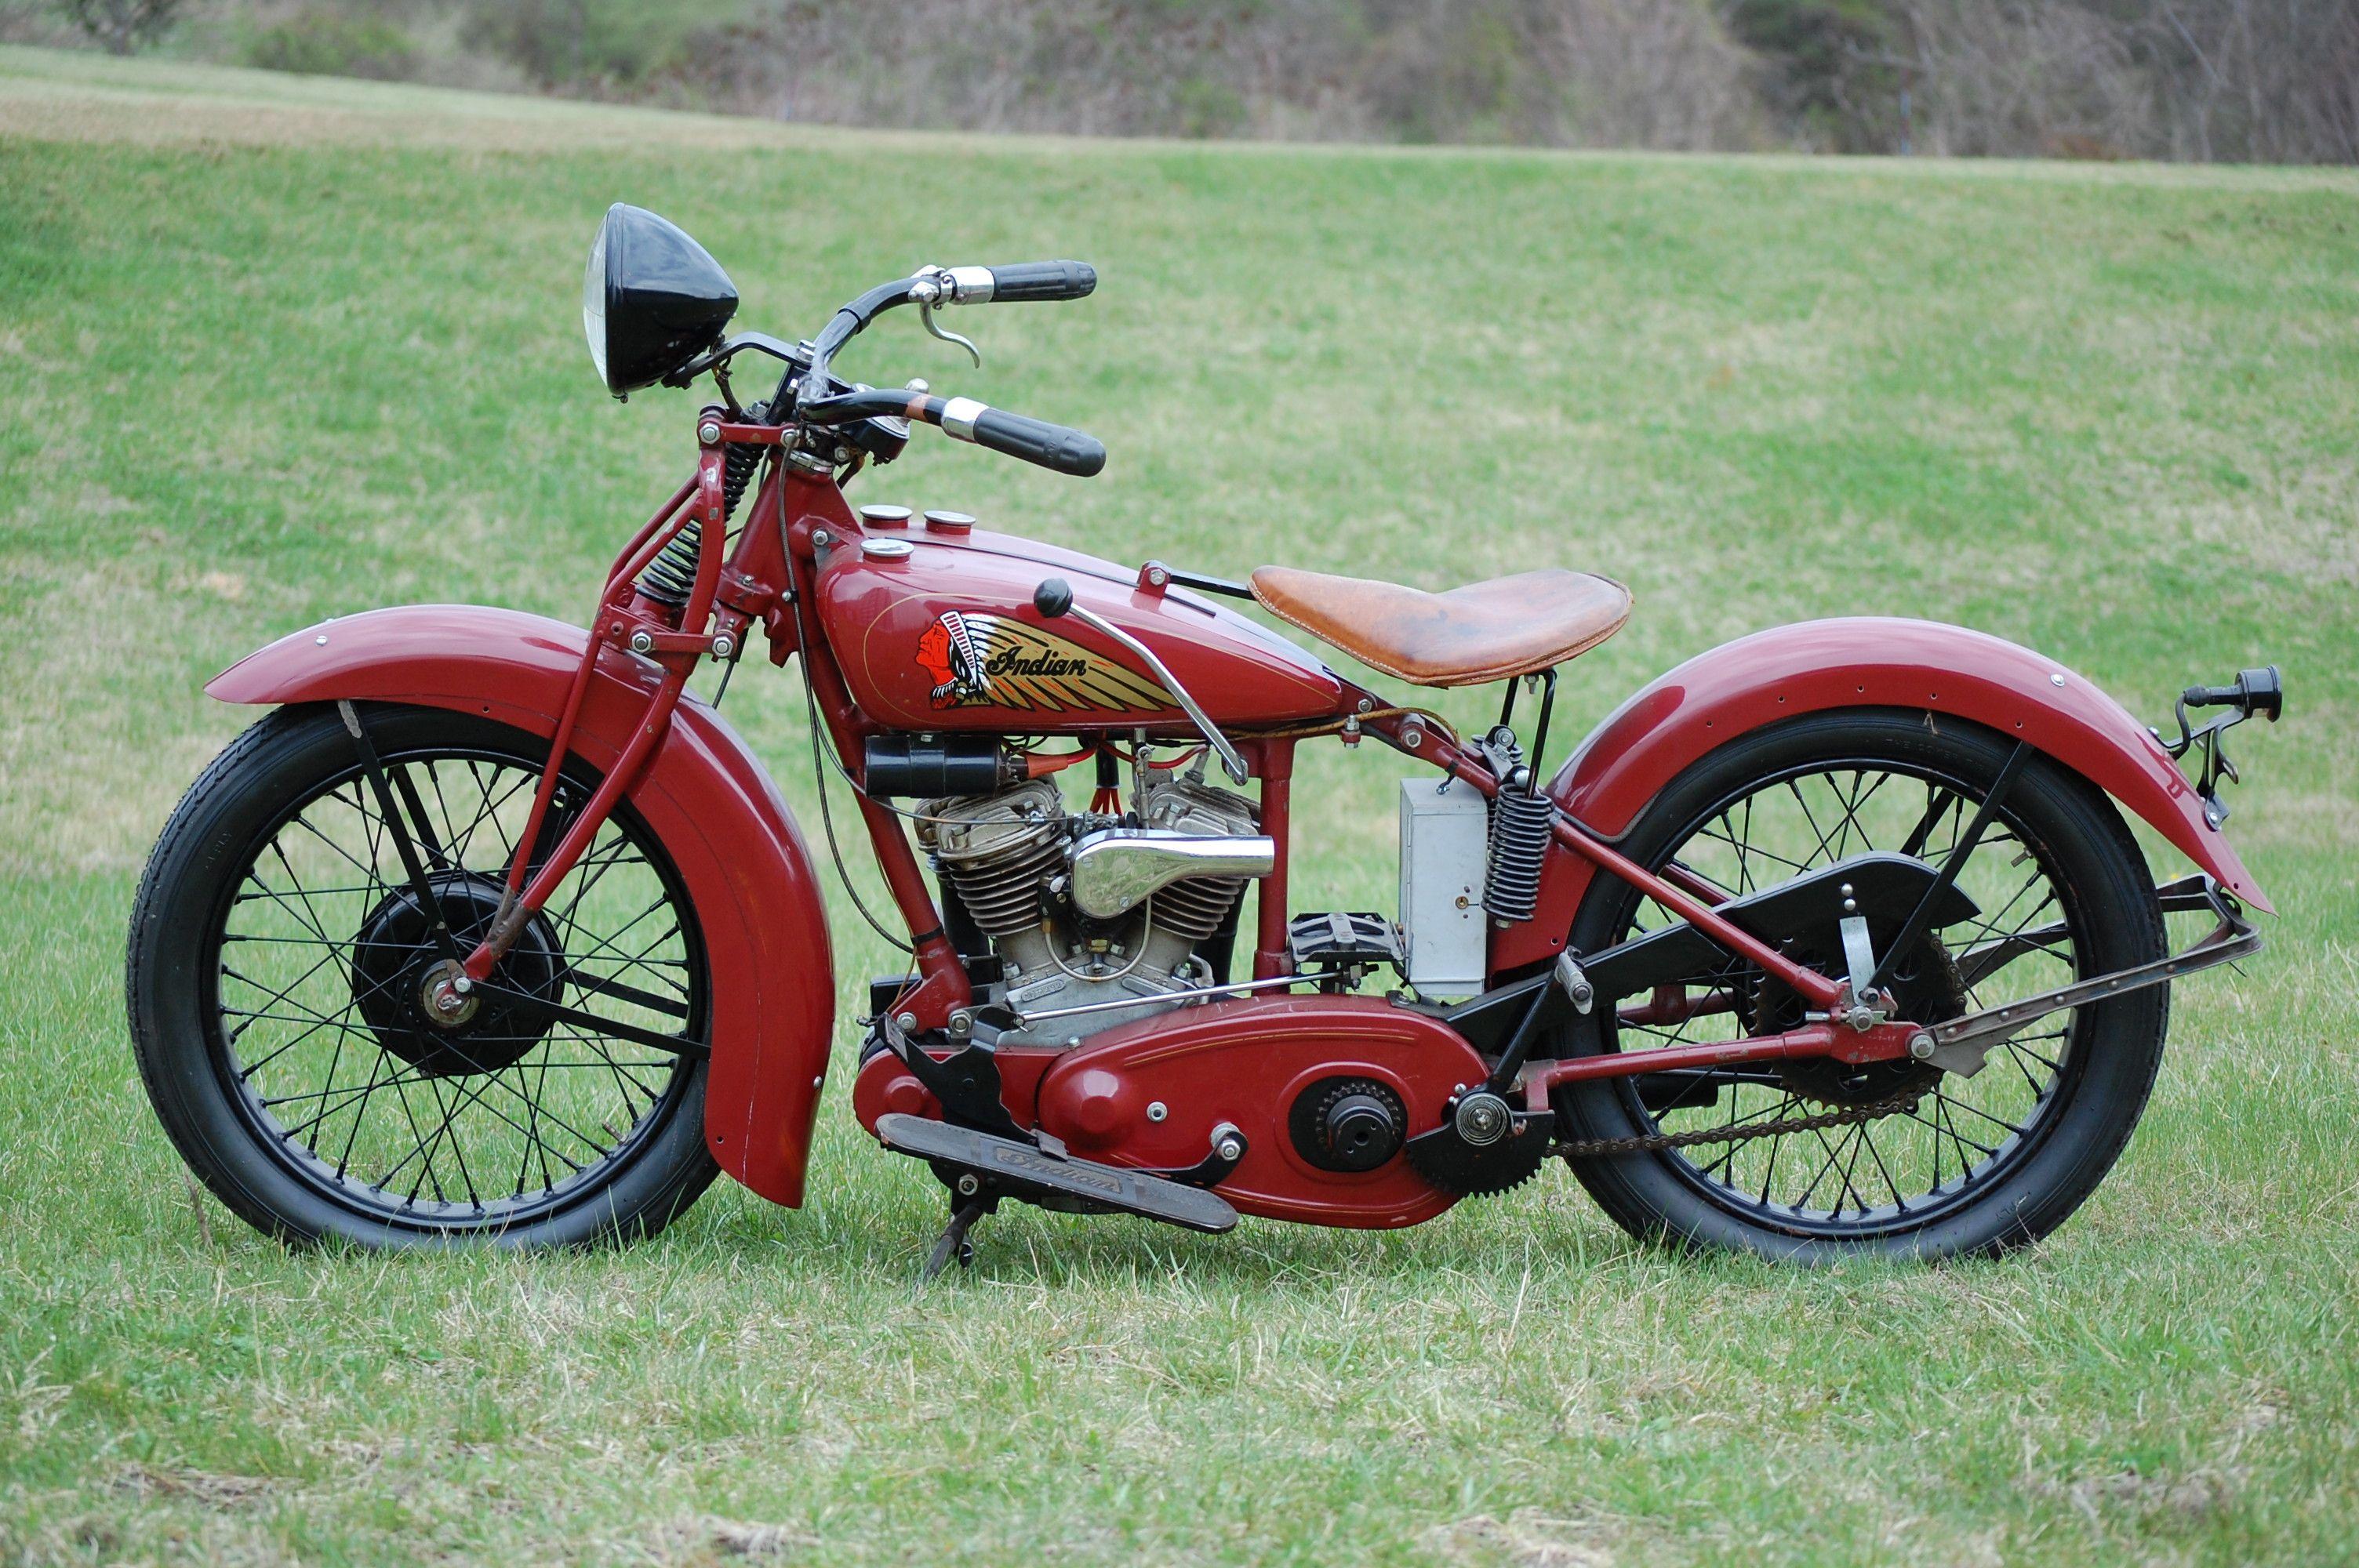 1936 Indian Junior Scout 30 Cu In 500 Cc Jpg 3008 2000 Indian Motorbike Vintage Indian Motorcycles Indian Motorcycle